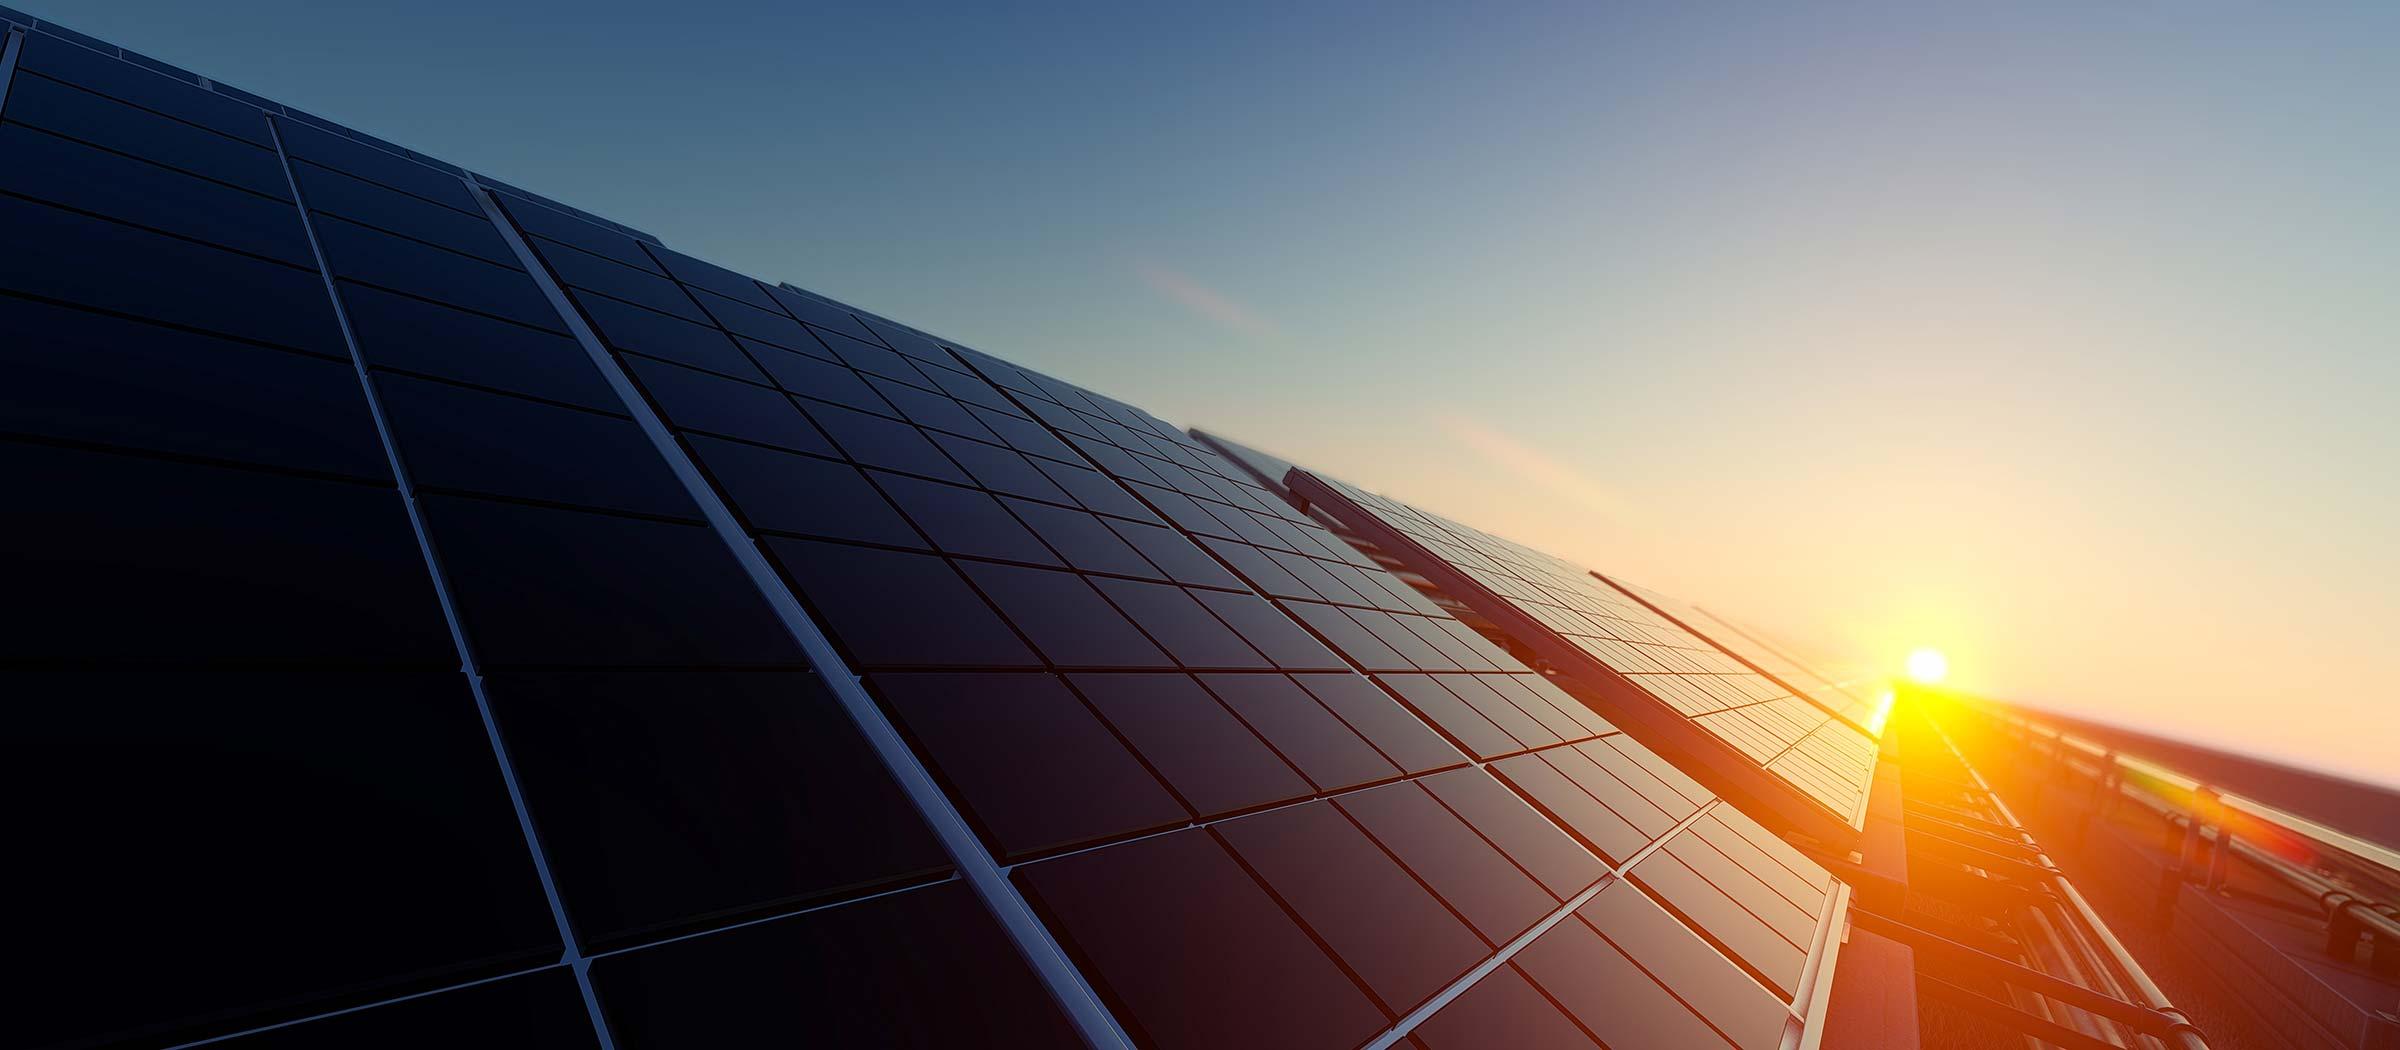 Fachbereich Erneuerbare Energien der Umweltgutachterorganisation